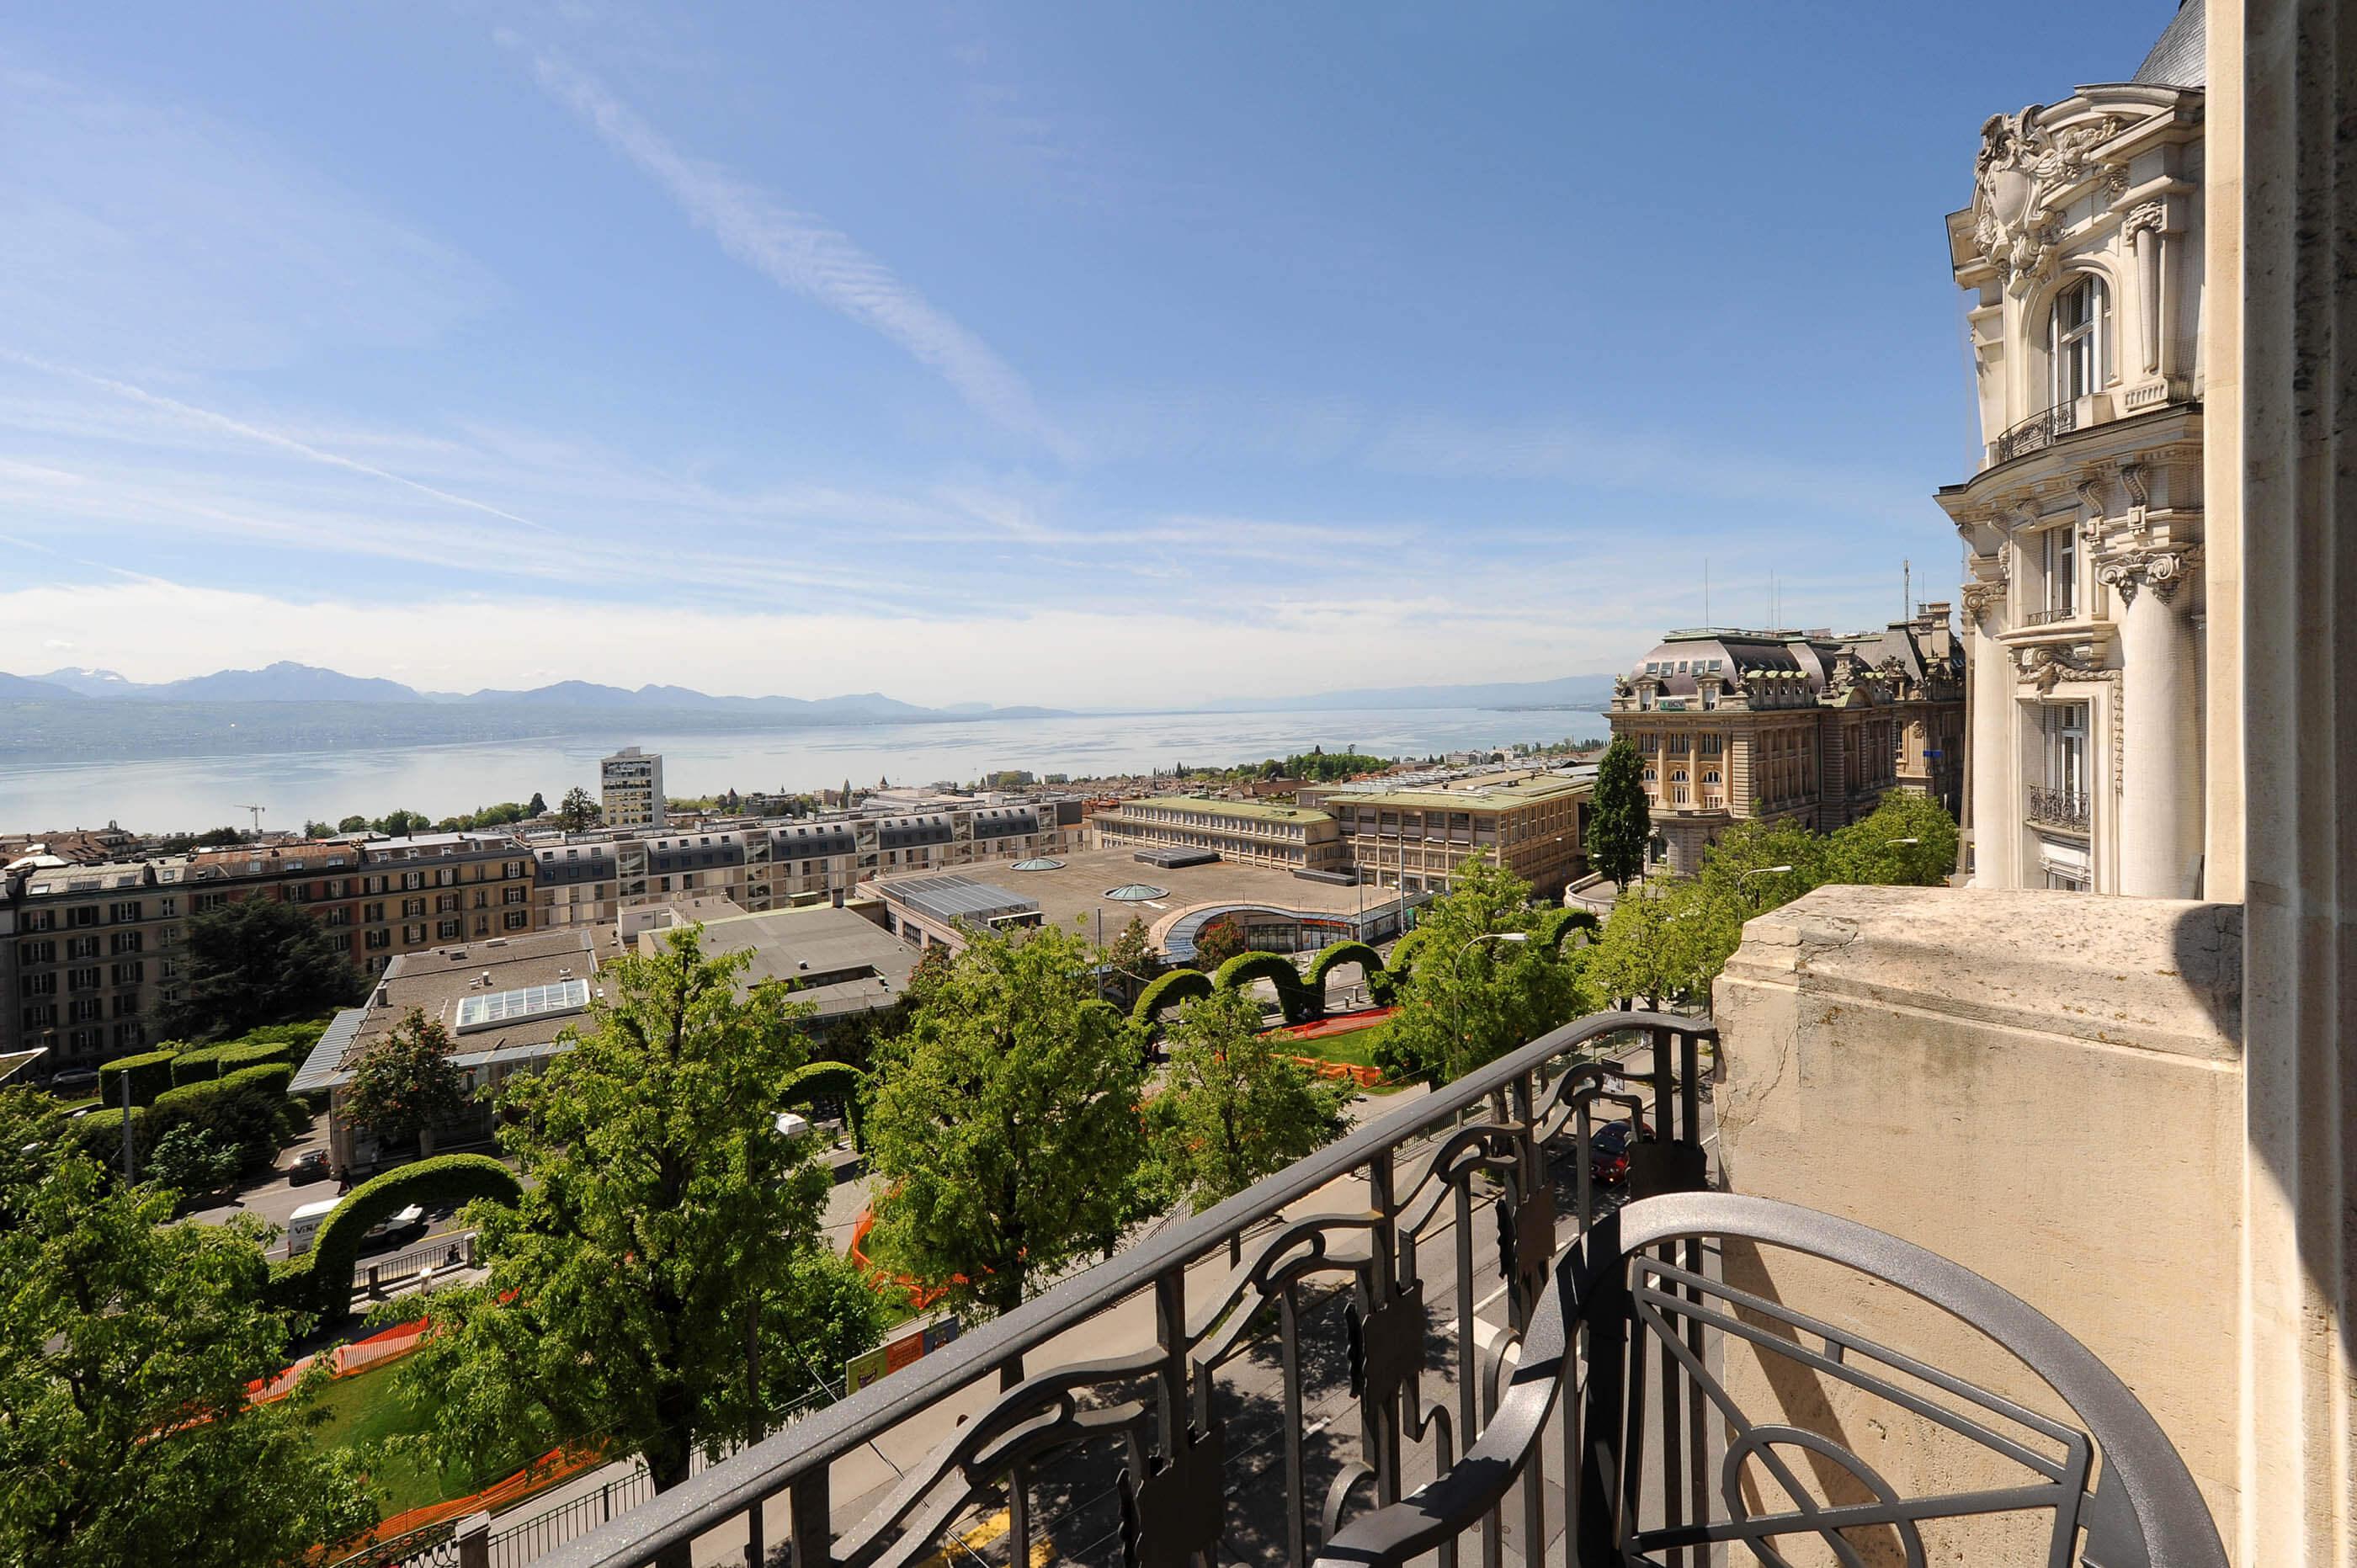 Vue sur le Lac Léman à l'Hôtel de la Paix Hôtel 4 étoiles à Lausanne en Suisse